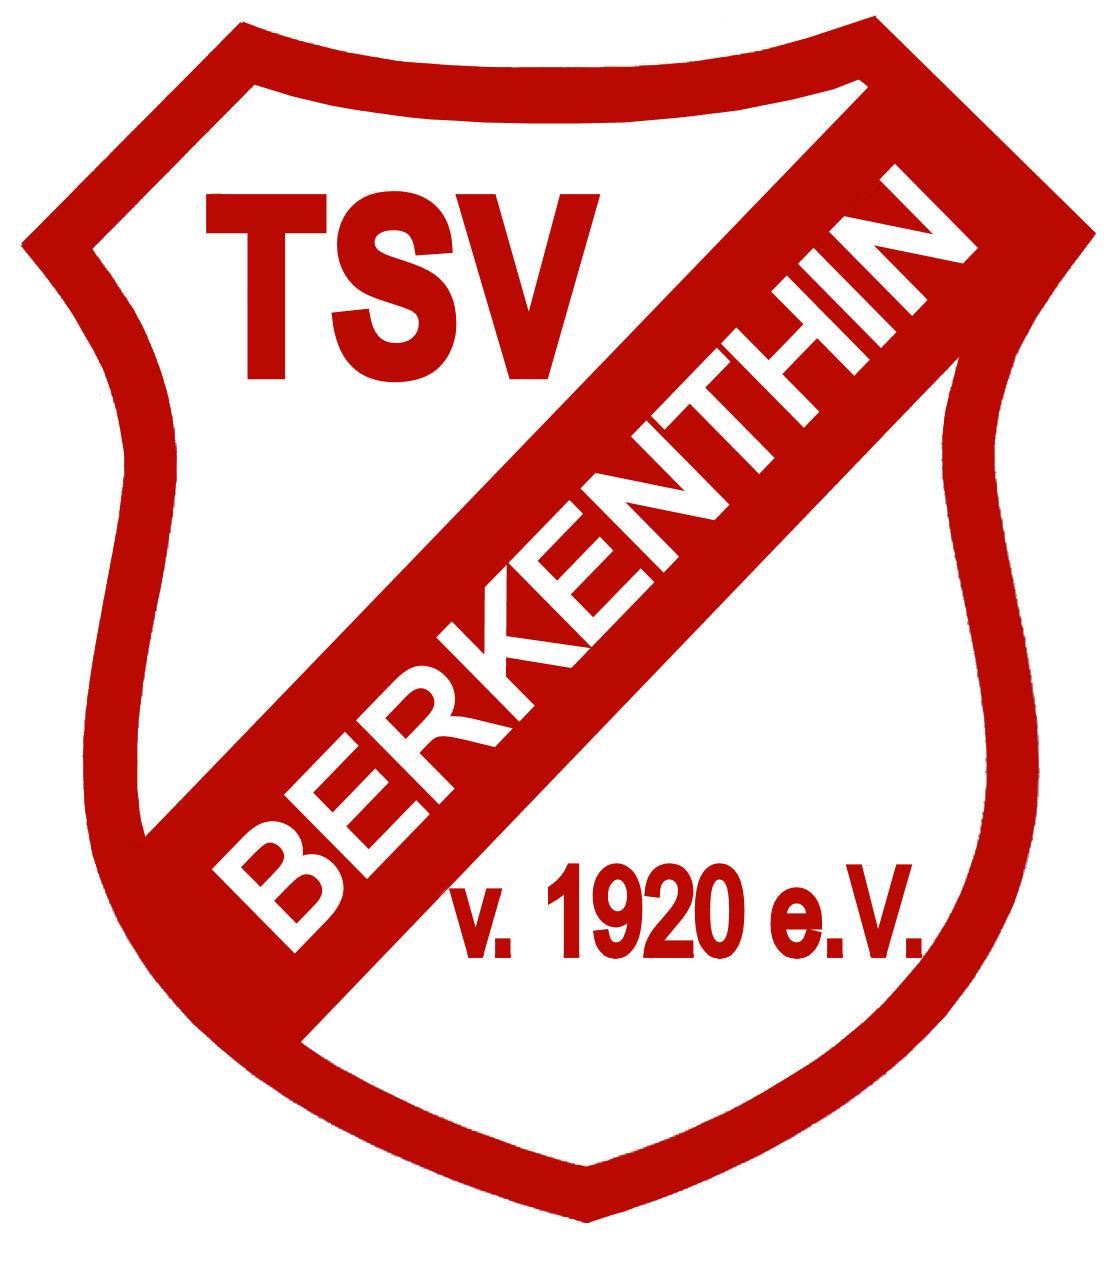 """TSV Berkenthin Sucht """"sportwillige Mädels"""", Egal Welchen Alters"""